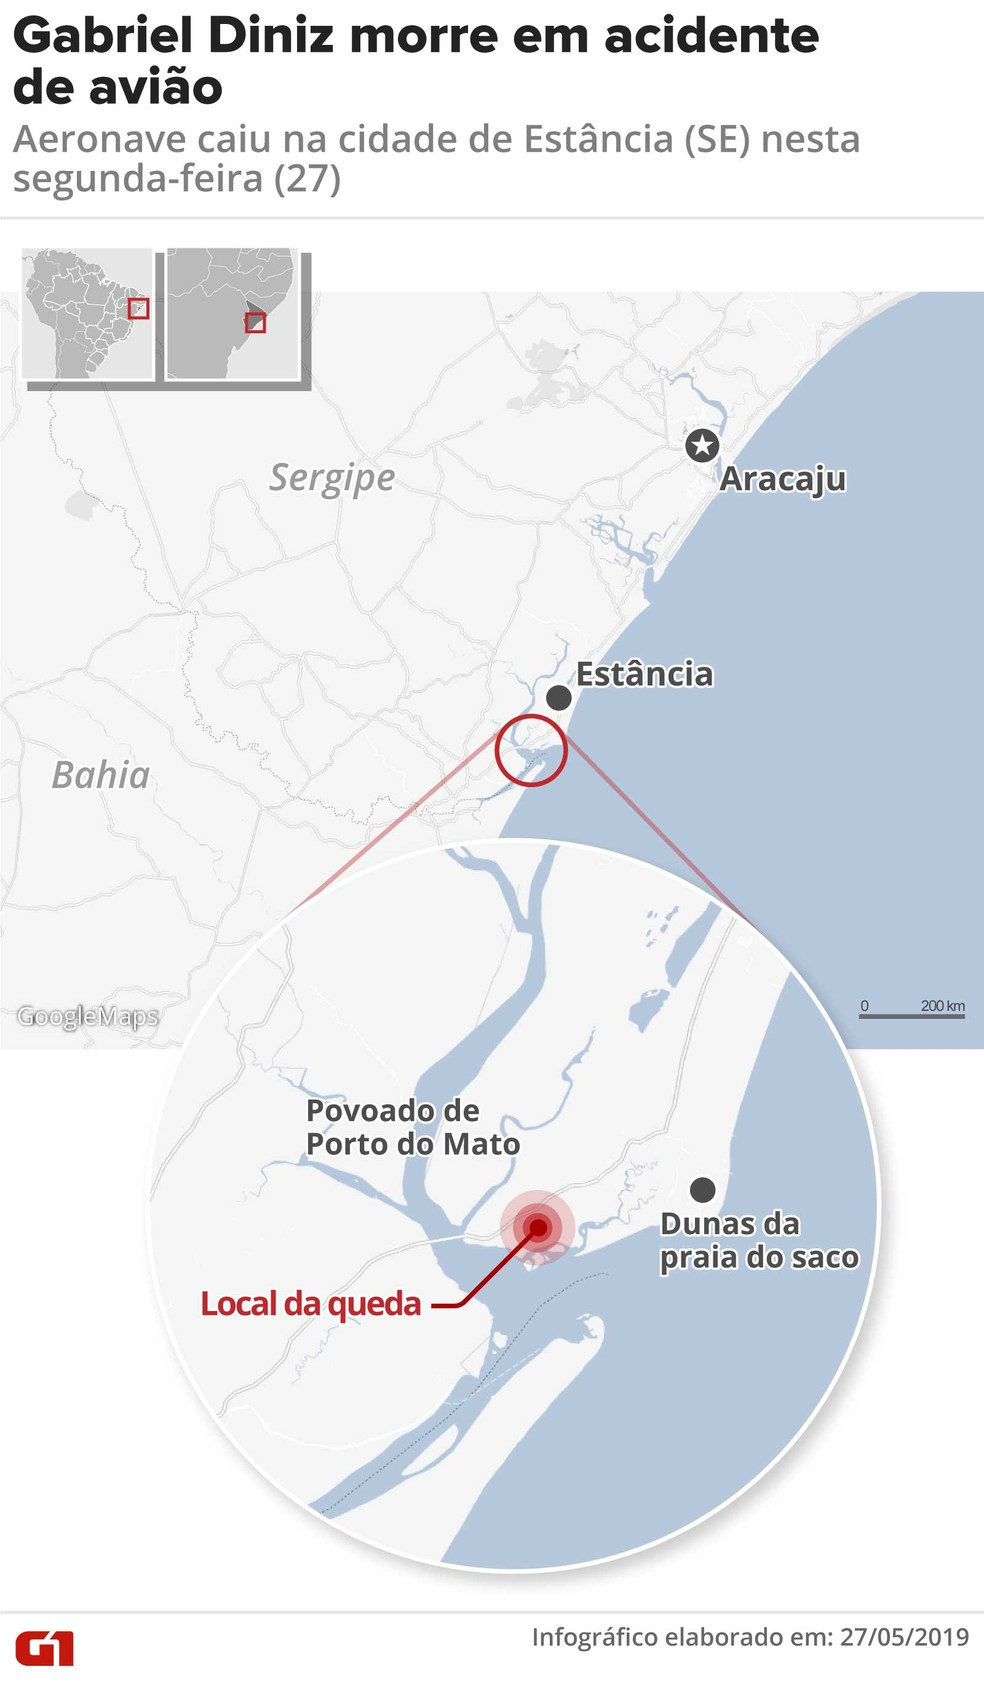 Mapa mostra local da queda de avião em que estava Gabriel Diniz — Foto: Arte G1/ Rodrigo Sanches